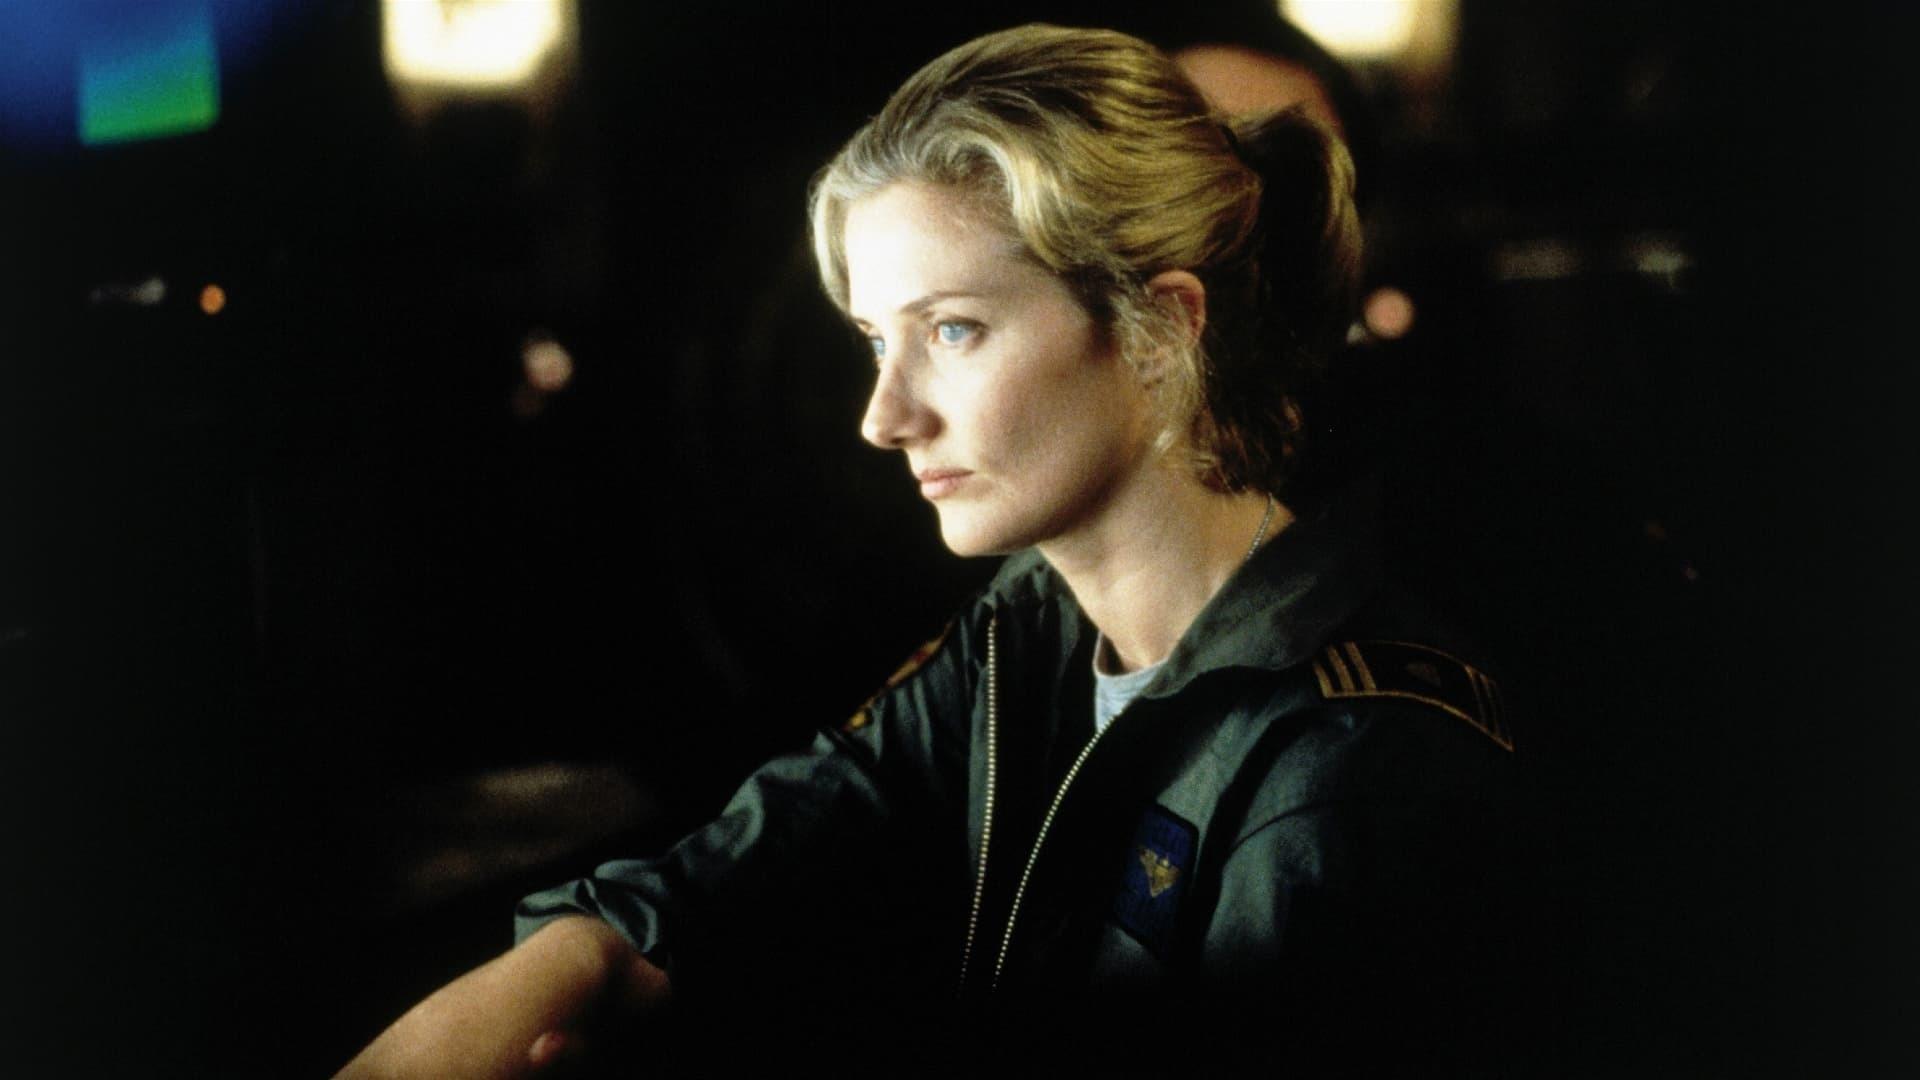 Кадры из фильма Сквозь горизонт Event Horizon 1997